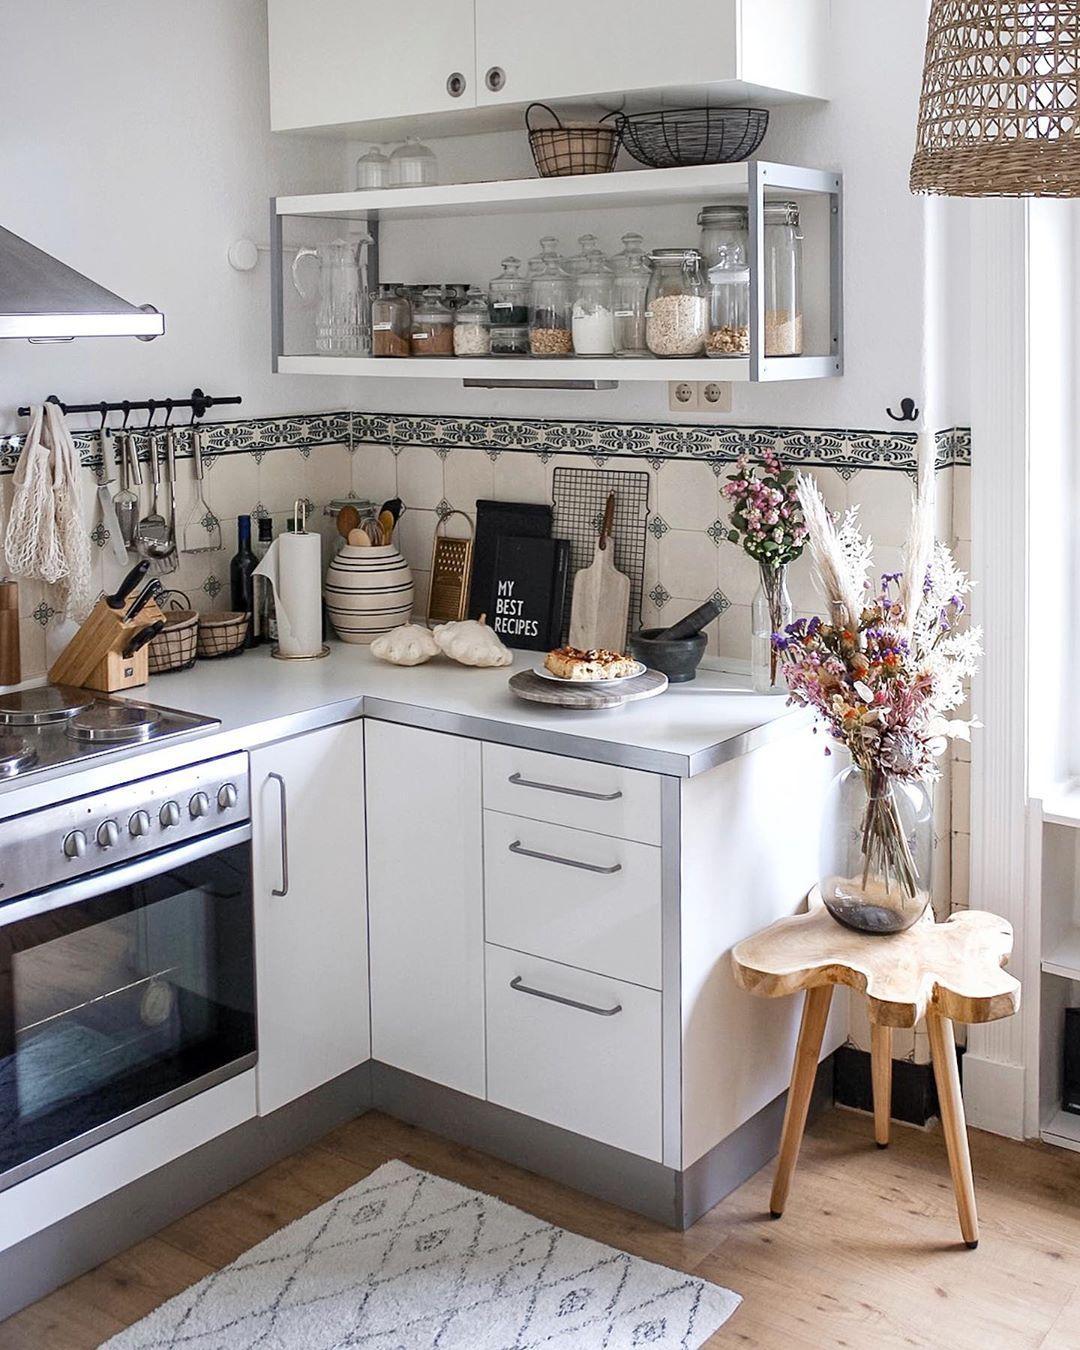 Full Size of Fliesen Küche Schwarz Weiß Welche Fliesen Für Weiße Küche Fliesen Für Schwarze Küche Welche Fliesen Für Graue Küche Küche Fliesen Für Küche